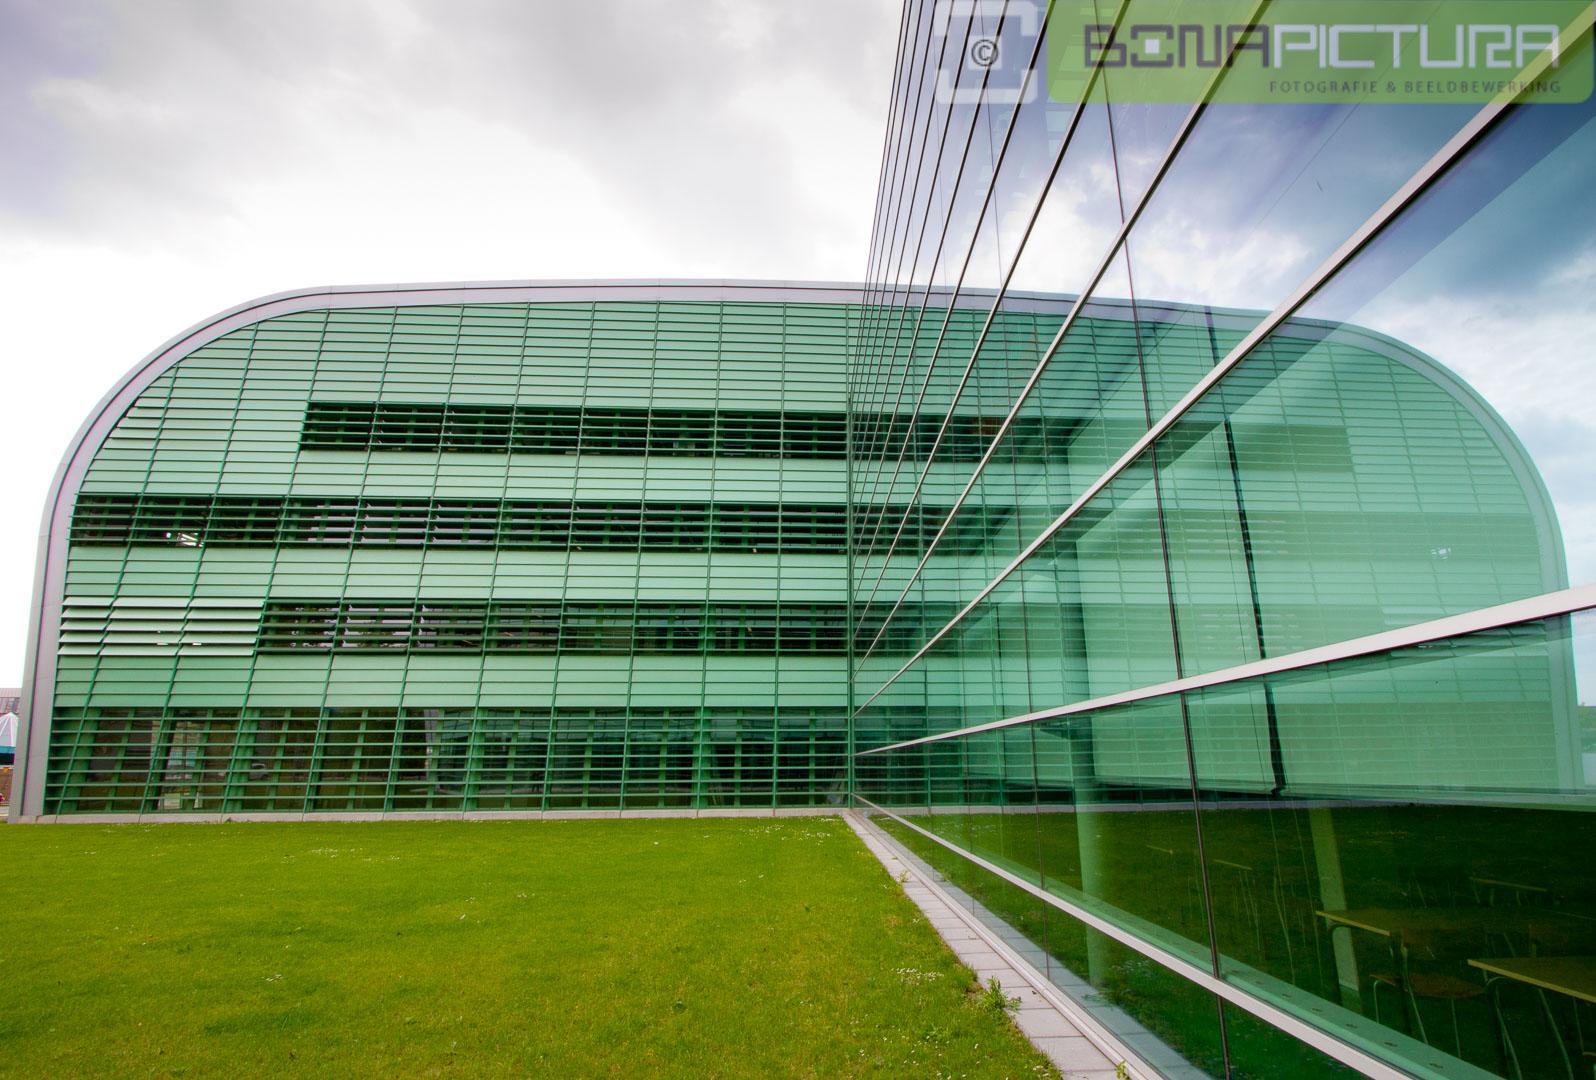 js_20100516_Radboud_universiteit__Nijmegen_2135.jpg